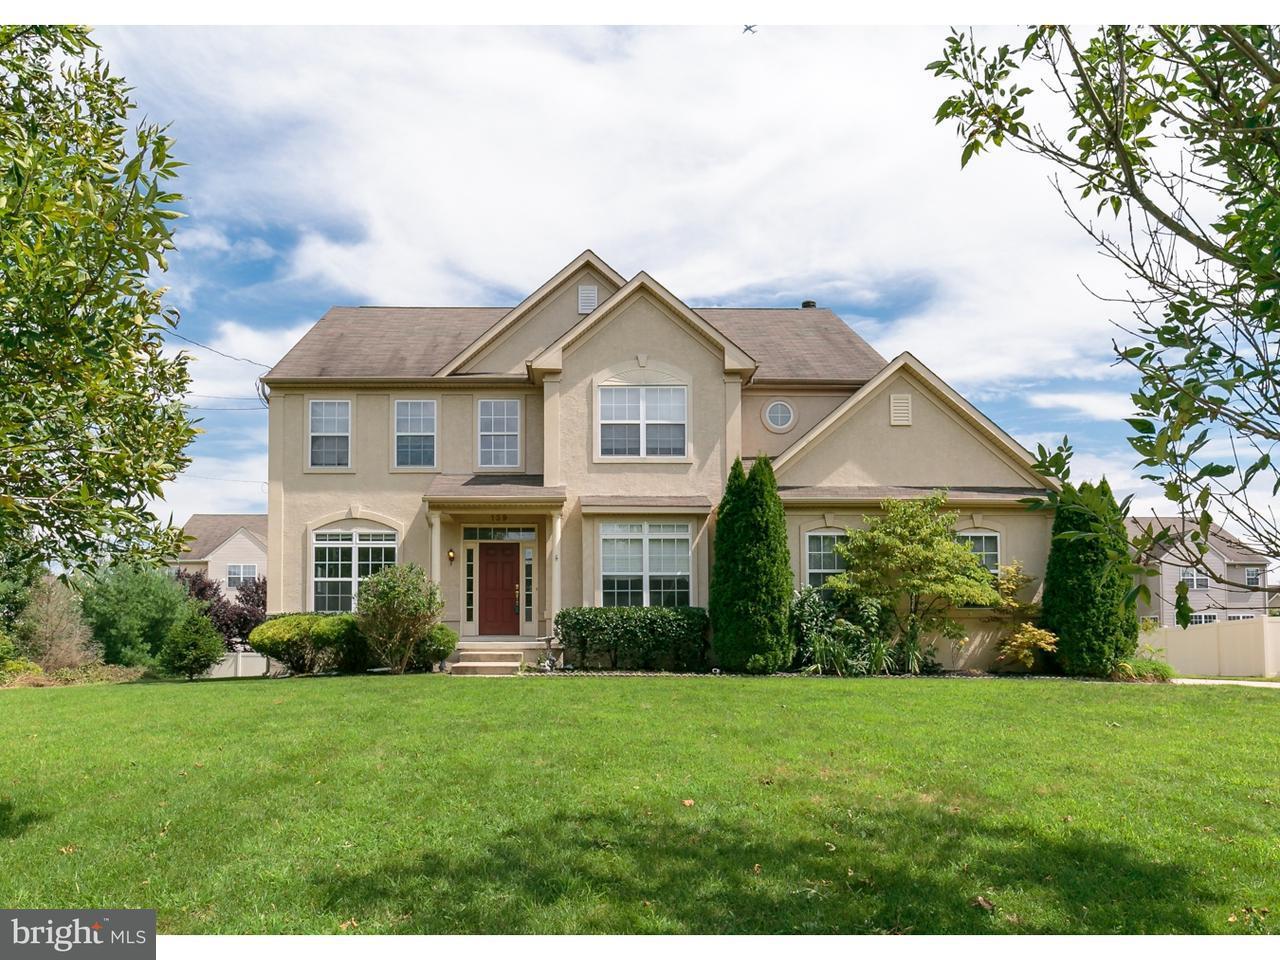 Einfamilienhaus für Verkauf beim 139 NEW FREEDOM Road Berlin Boro, New Jersey 08009 Vereinigte Staaten